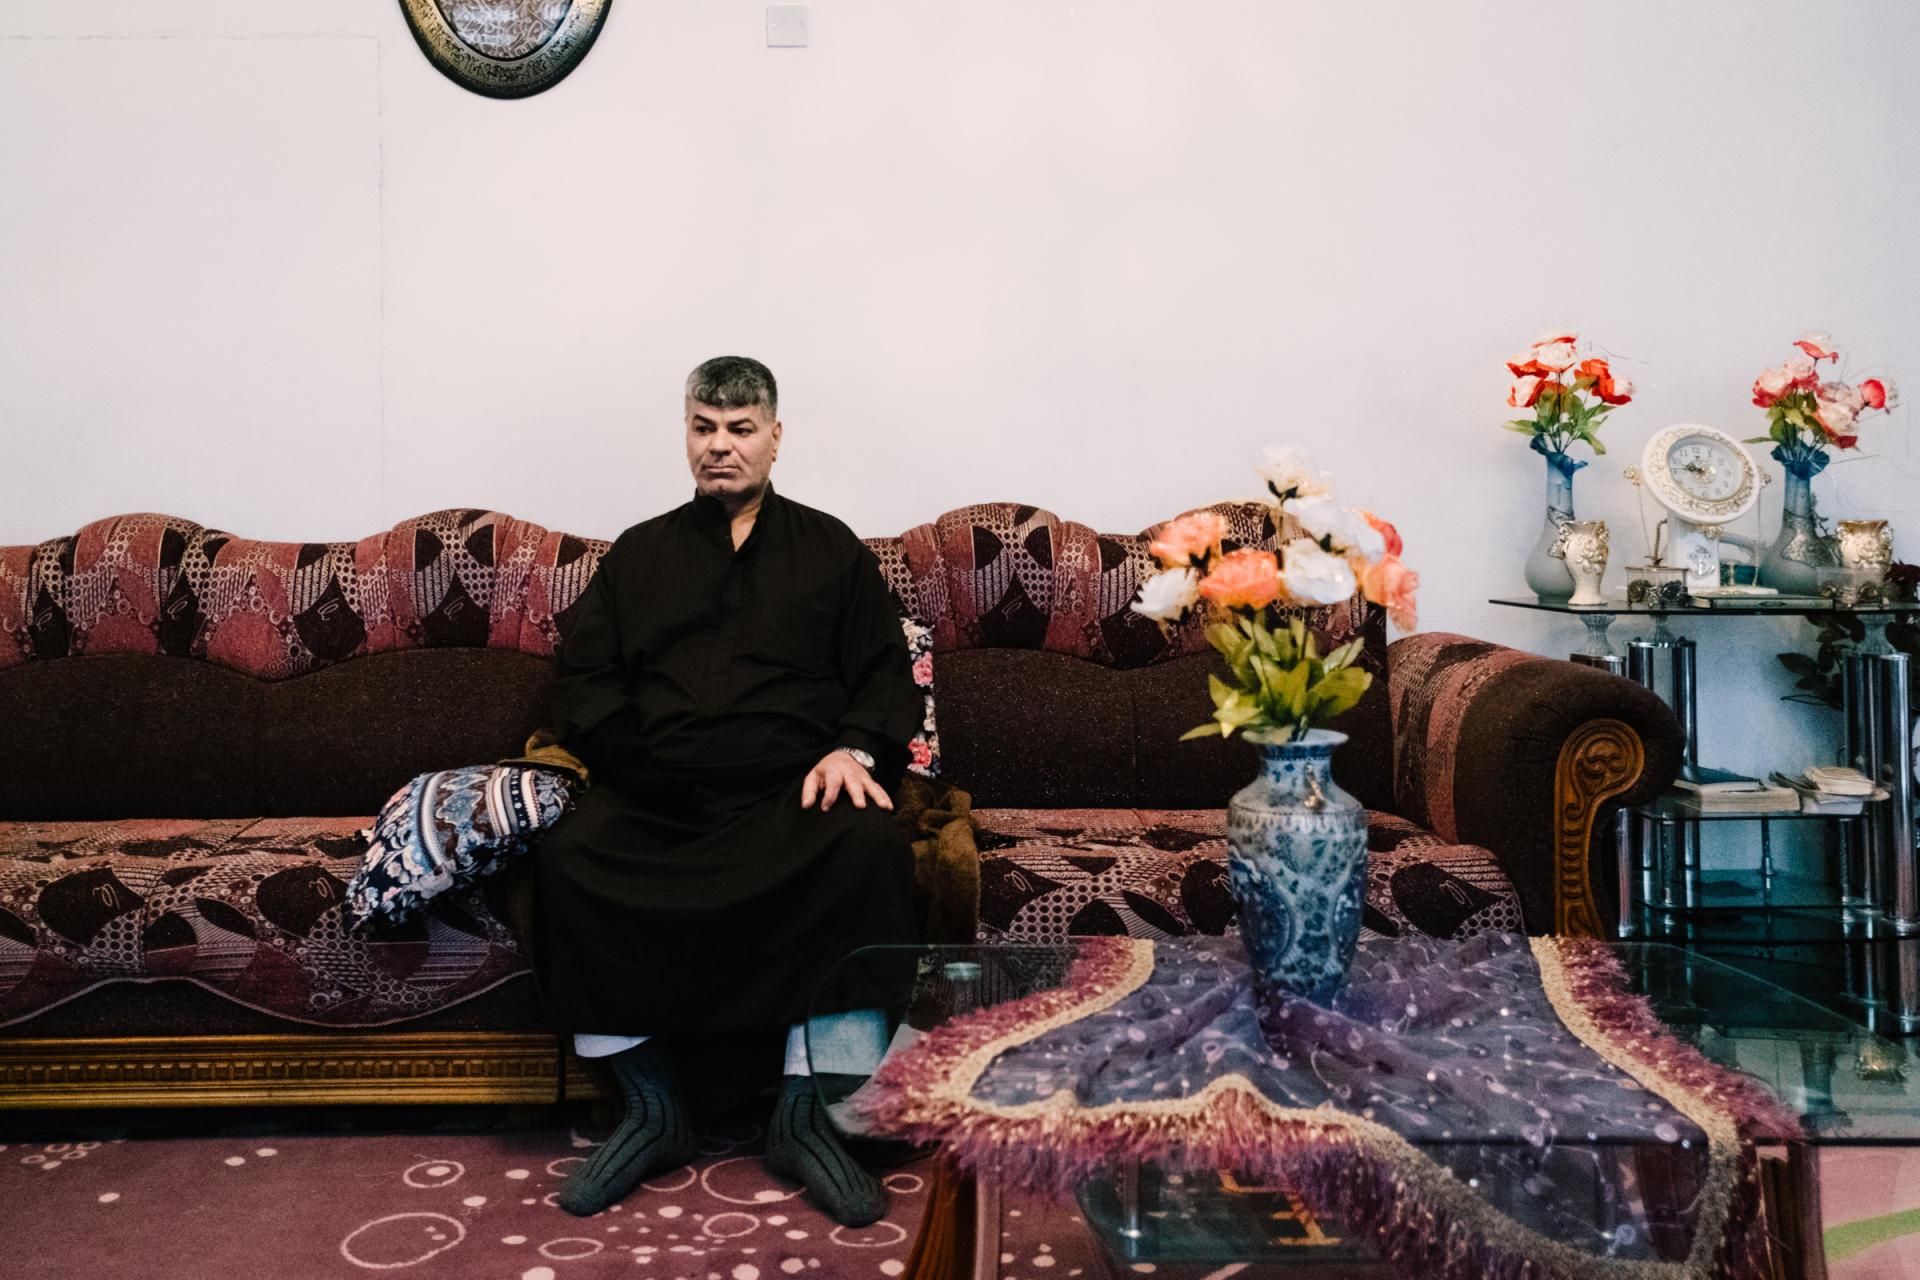 Ali Zaanoun, est un survivant de la frappe du 17 mars 2017 attribuée à la coalition.«Ils essaient d'étouffer l'incident et musellent les témoins pour qu'ils disent qu'il y avait un camion piégé. C'est faux! J'ai reçu des menaces. Je ne dors plus sans mon pistolet», dit-il, assis dans le salon de son frère qui l'héberge.ALEXANDRA ROSE HOWLAND POUR LE MONDE